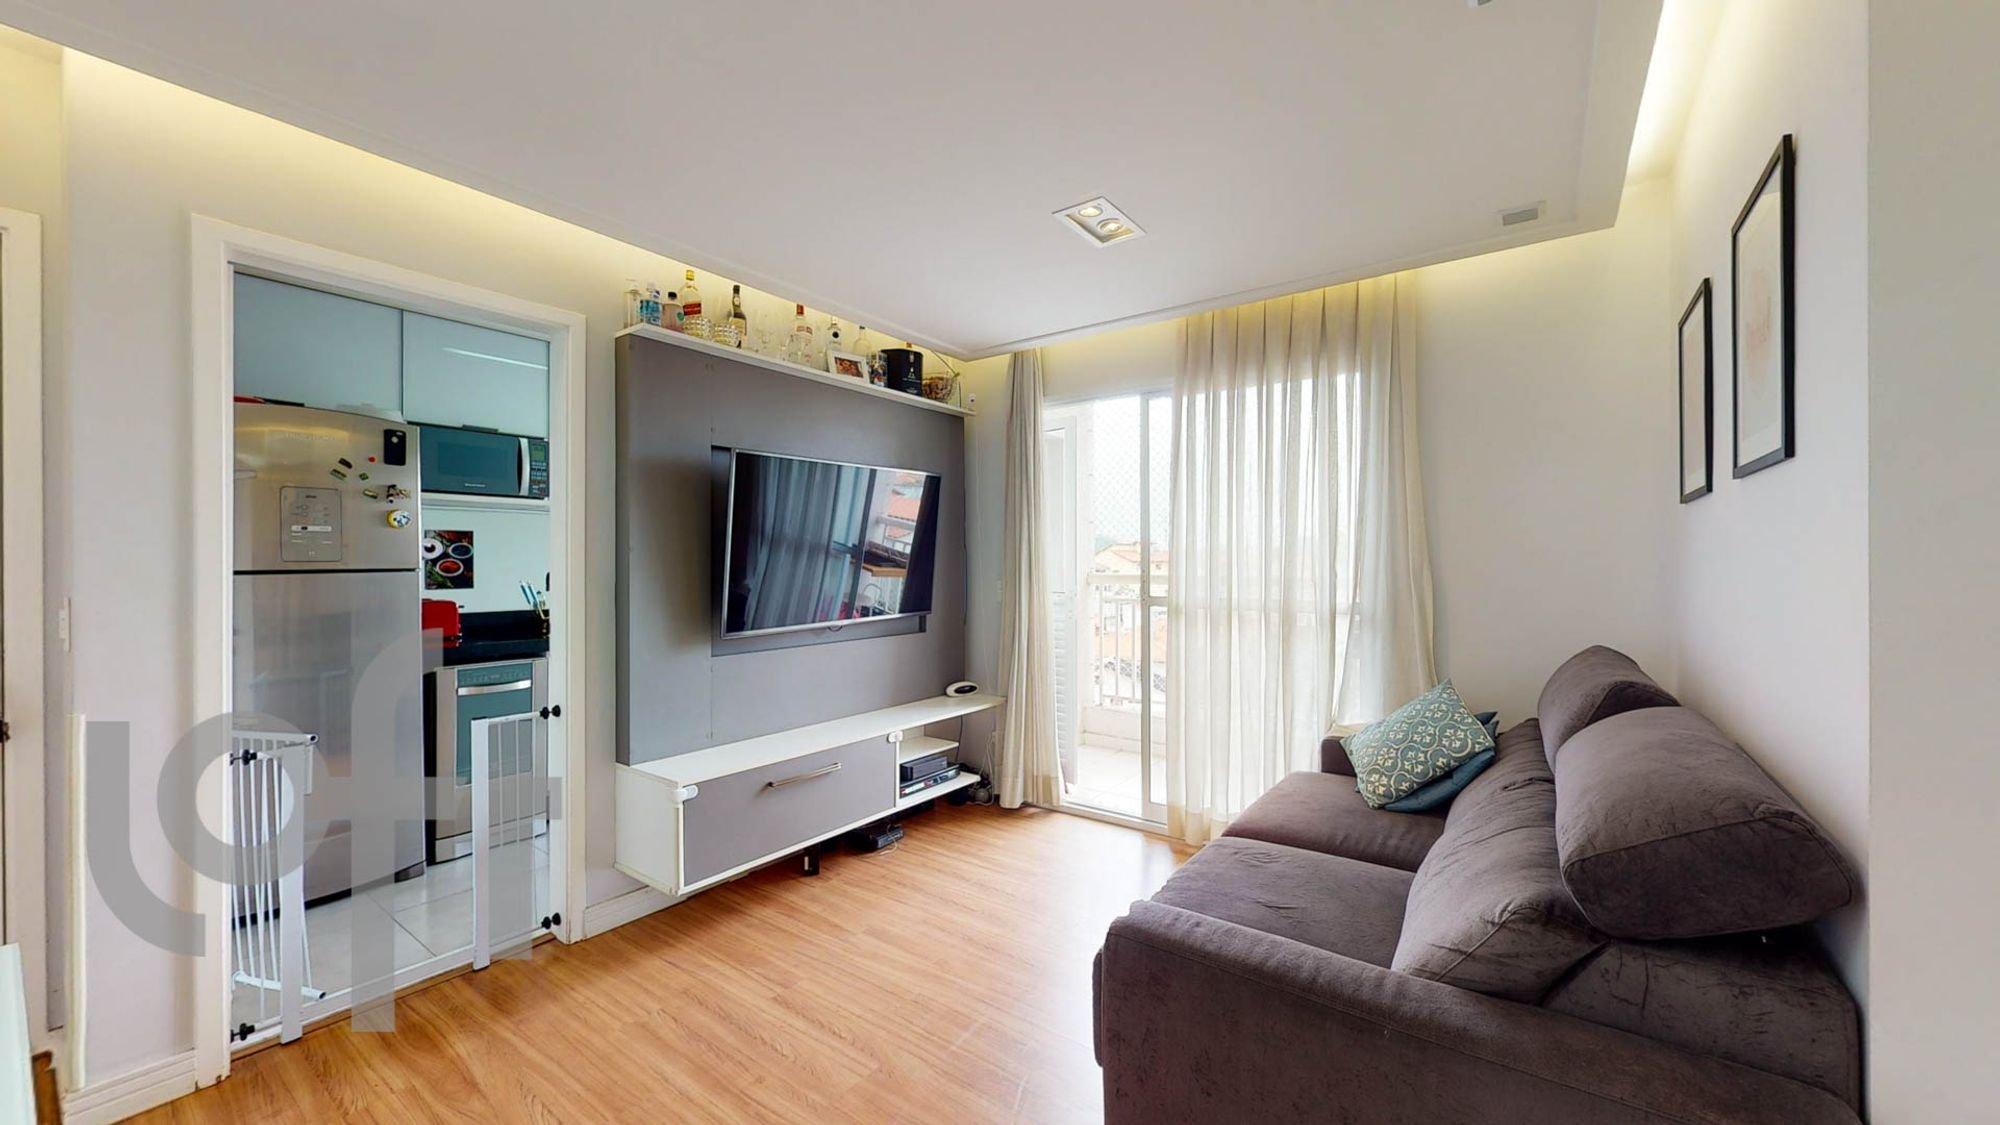 Foto de Sala com sofá, geladeira, microondas